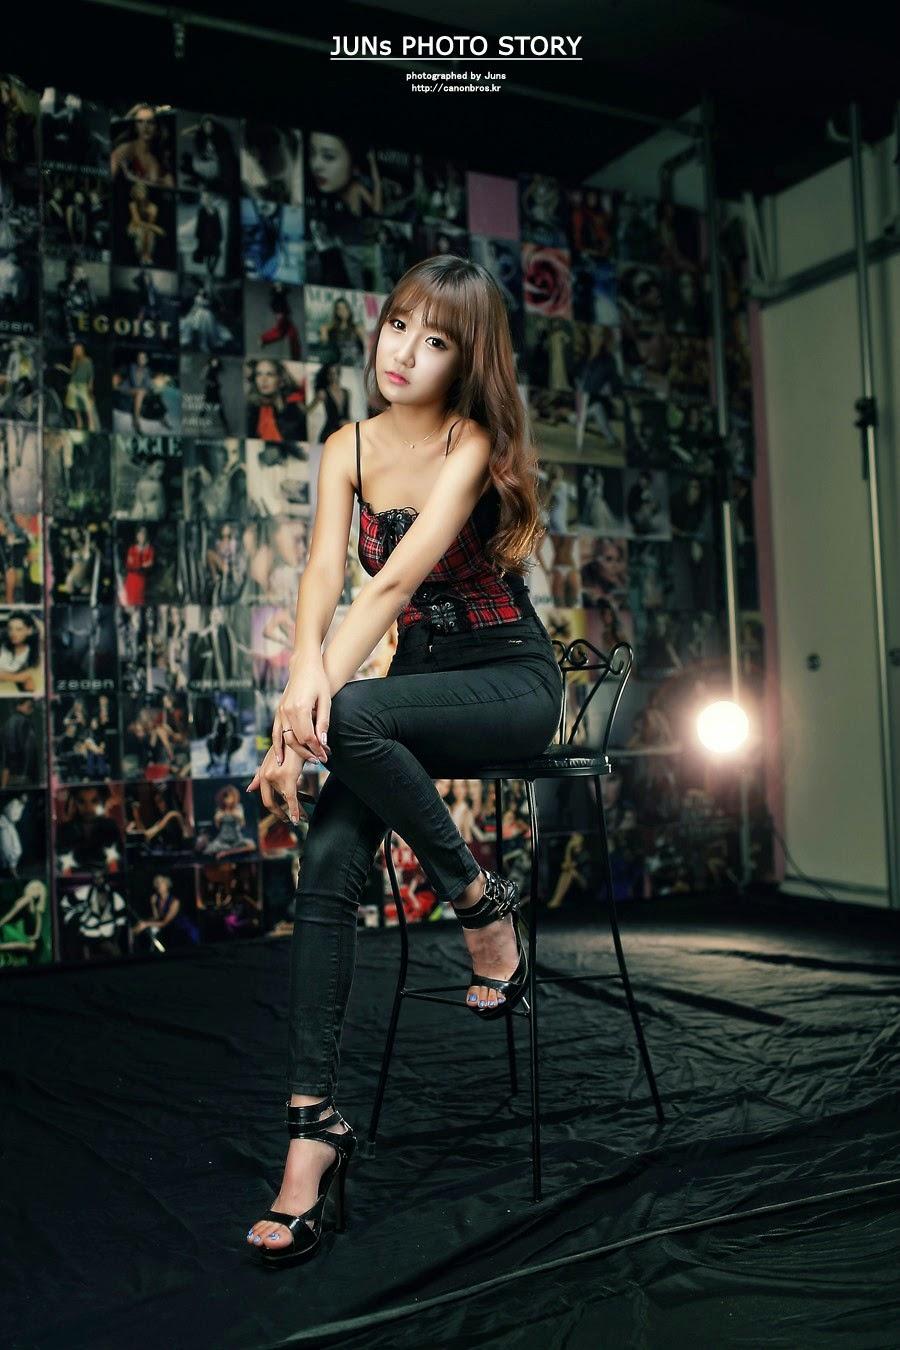 3 Jo In Young - very cute asian girl-girlcute4u.blogspot.com